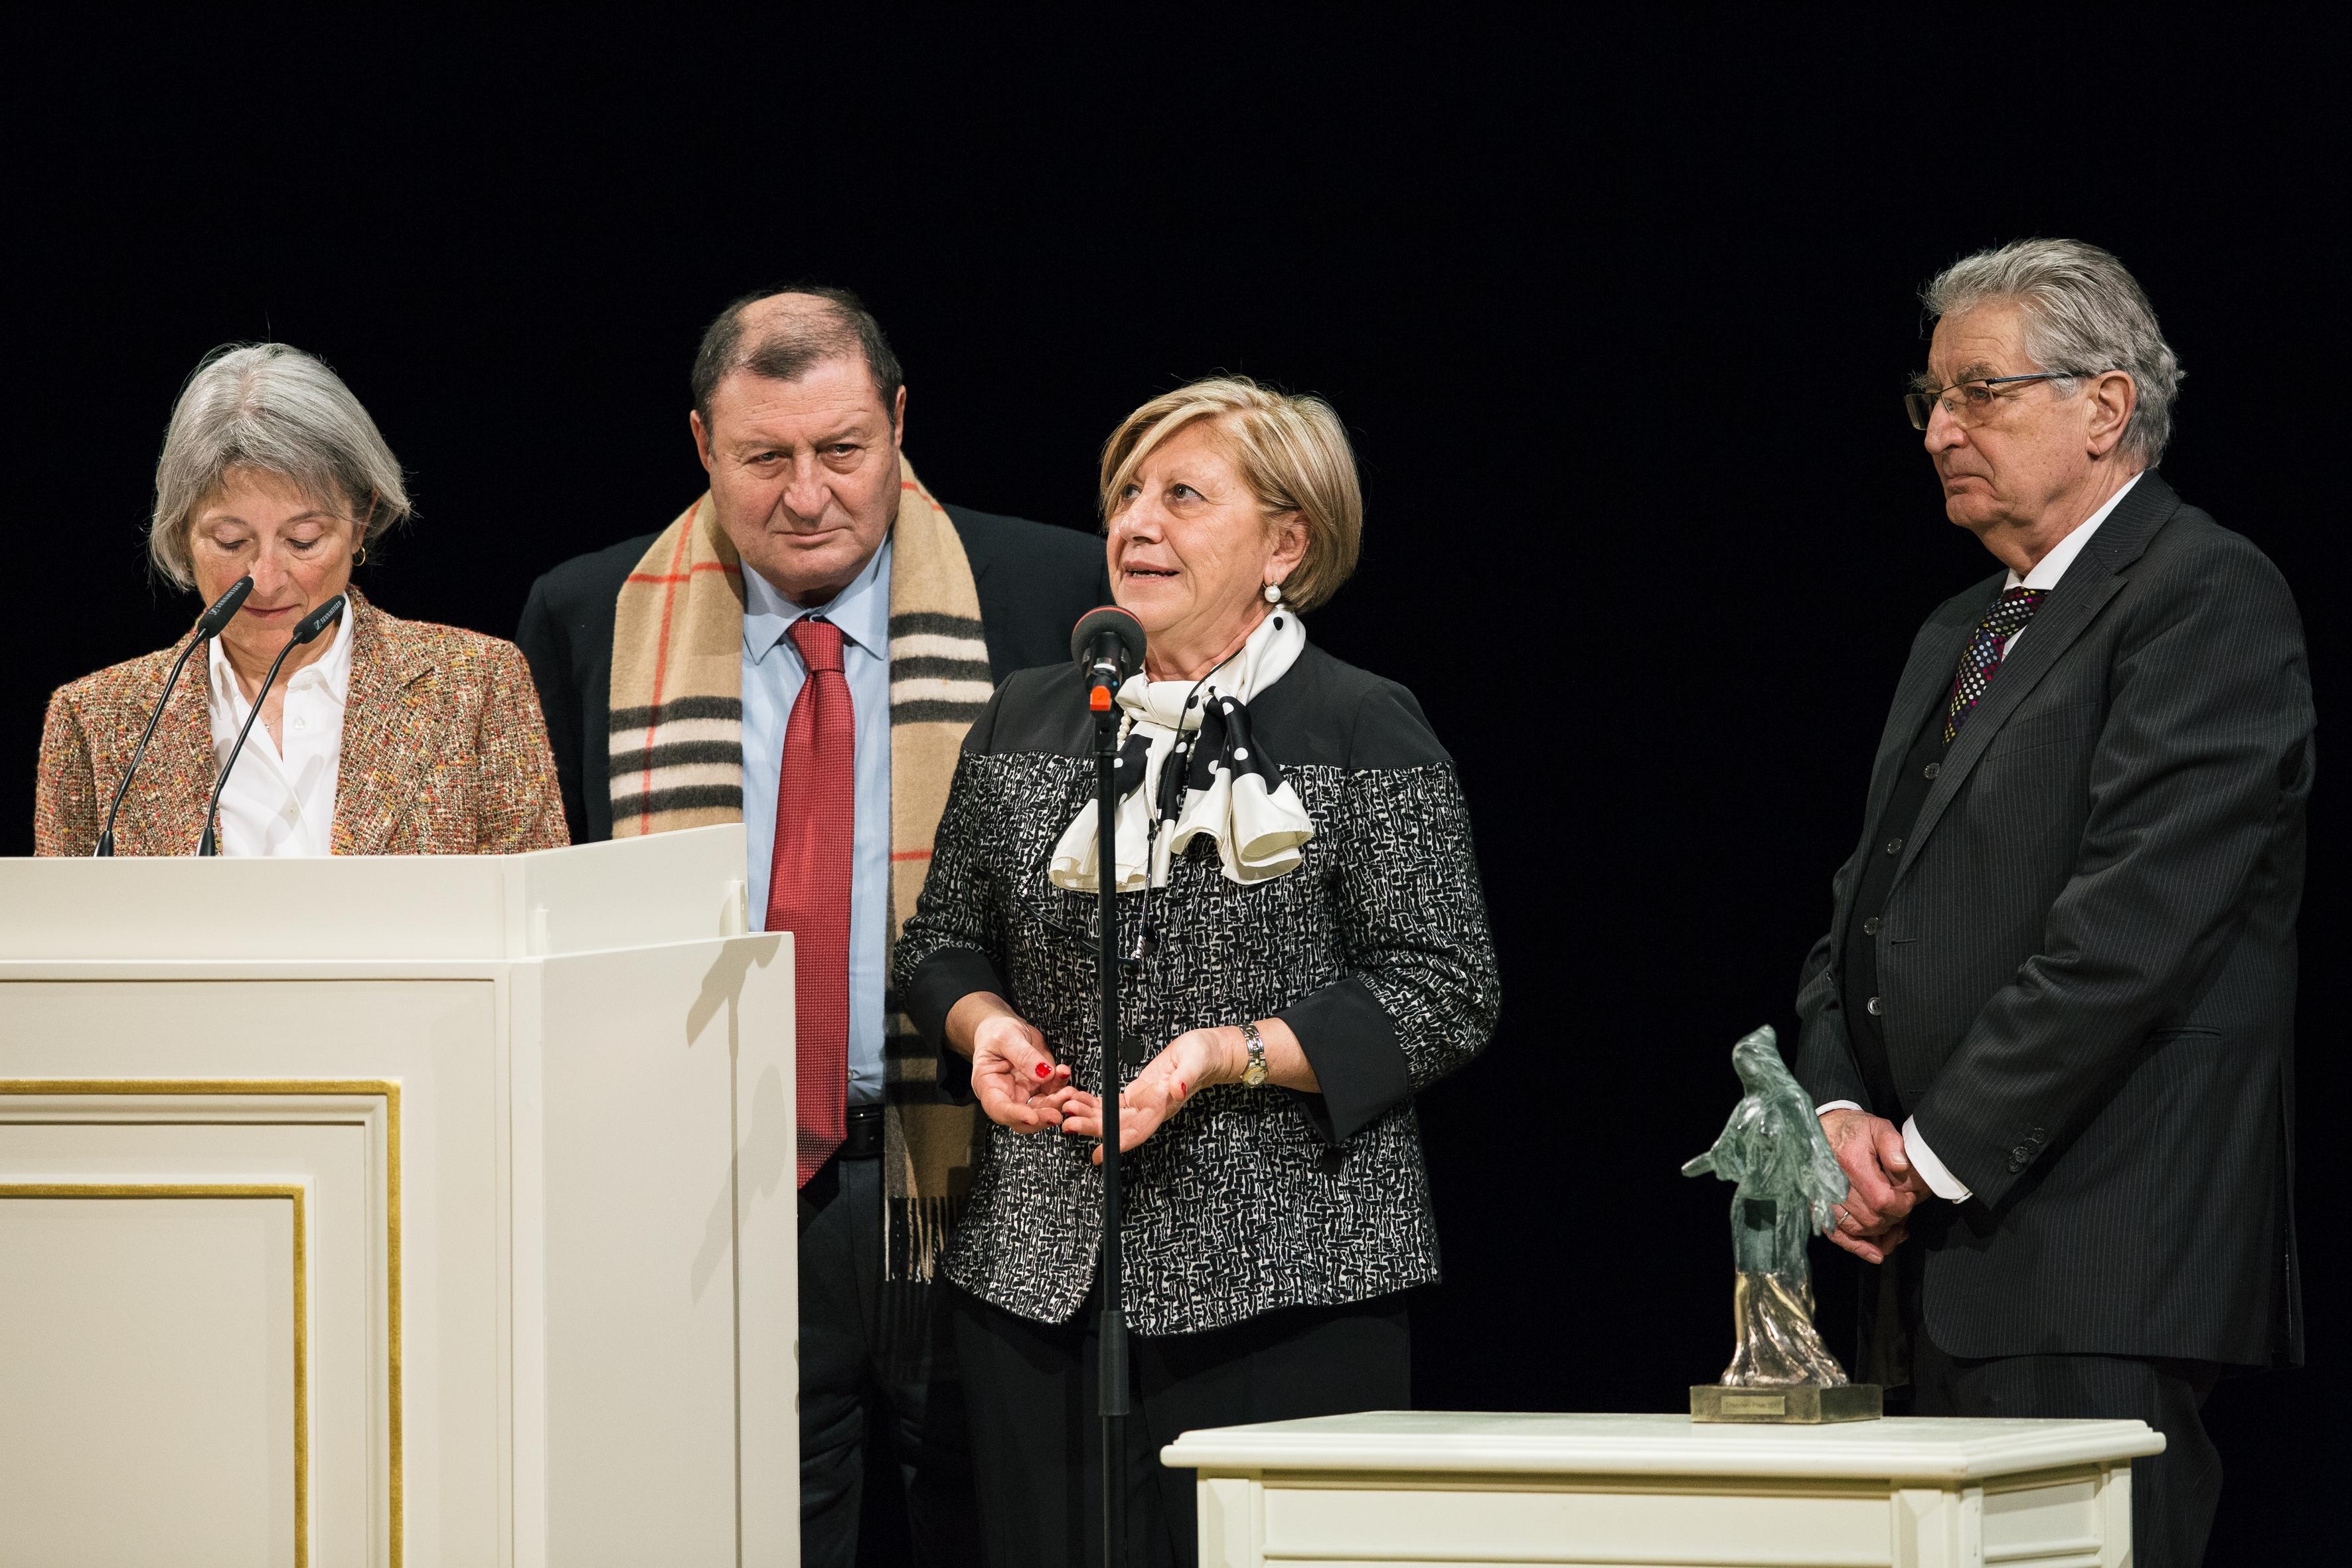 Il cuore degli agrigentini al premio per la pace di Dresda: riconoscimento speciale per i coniugi Gelardi